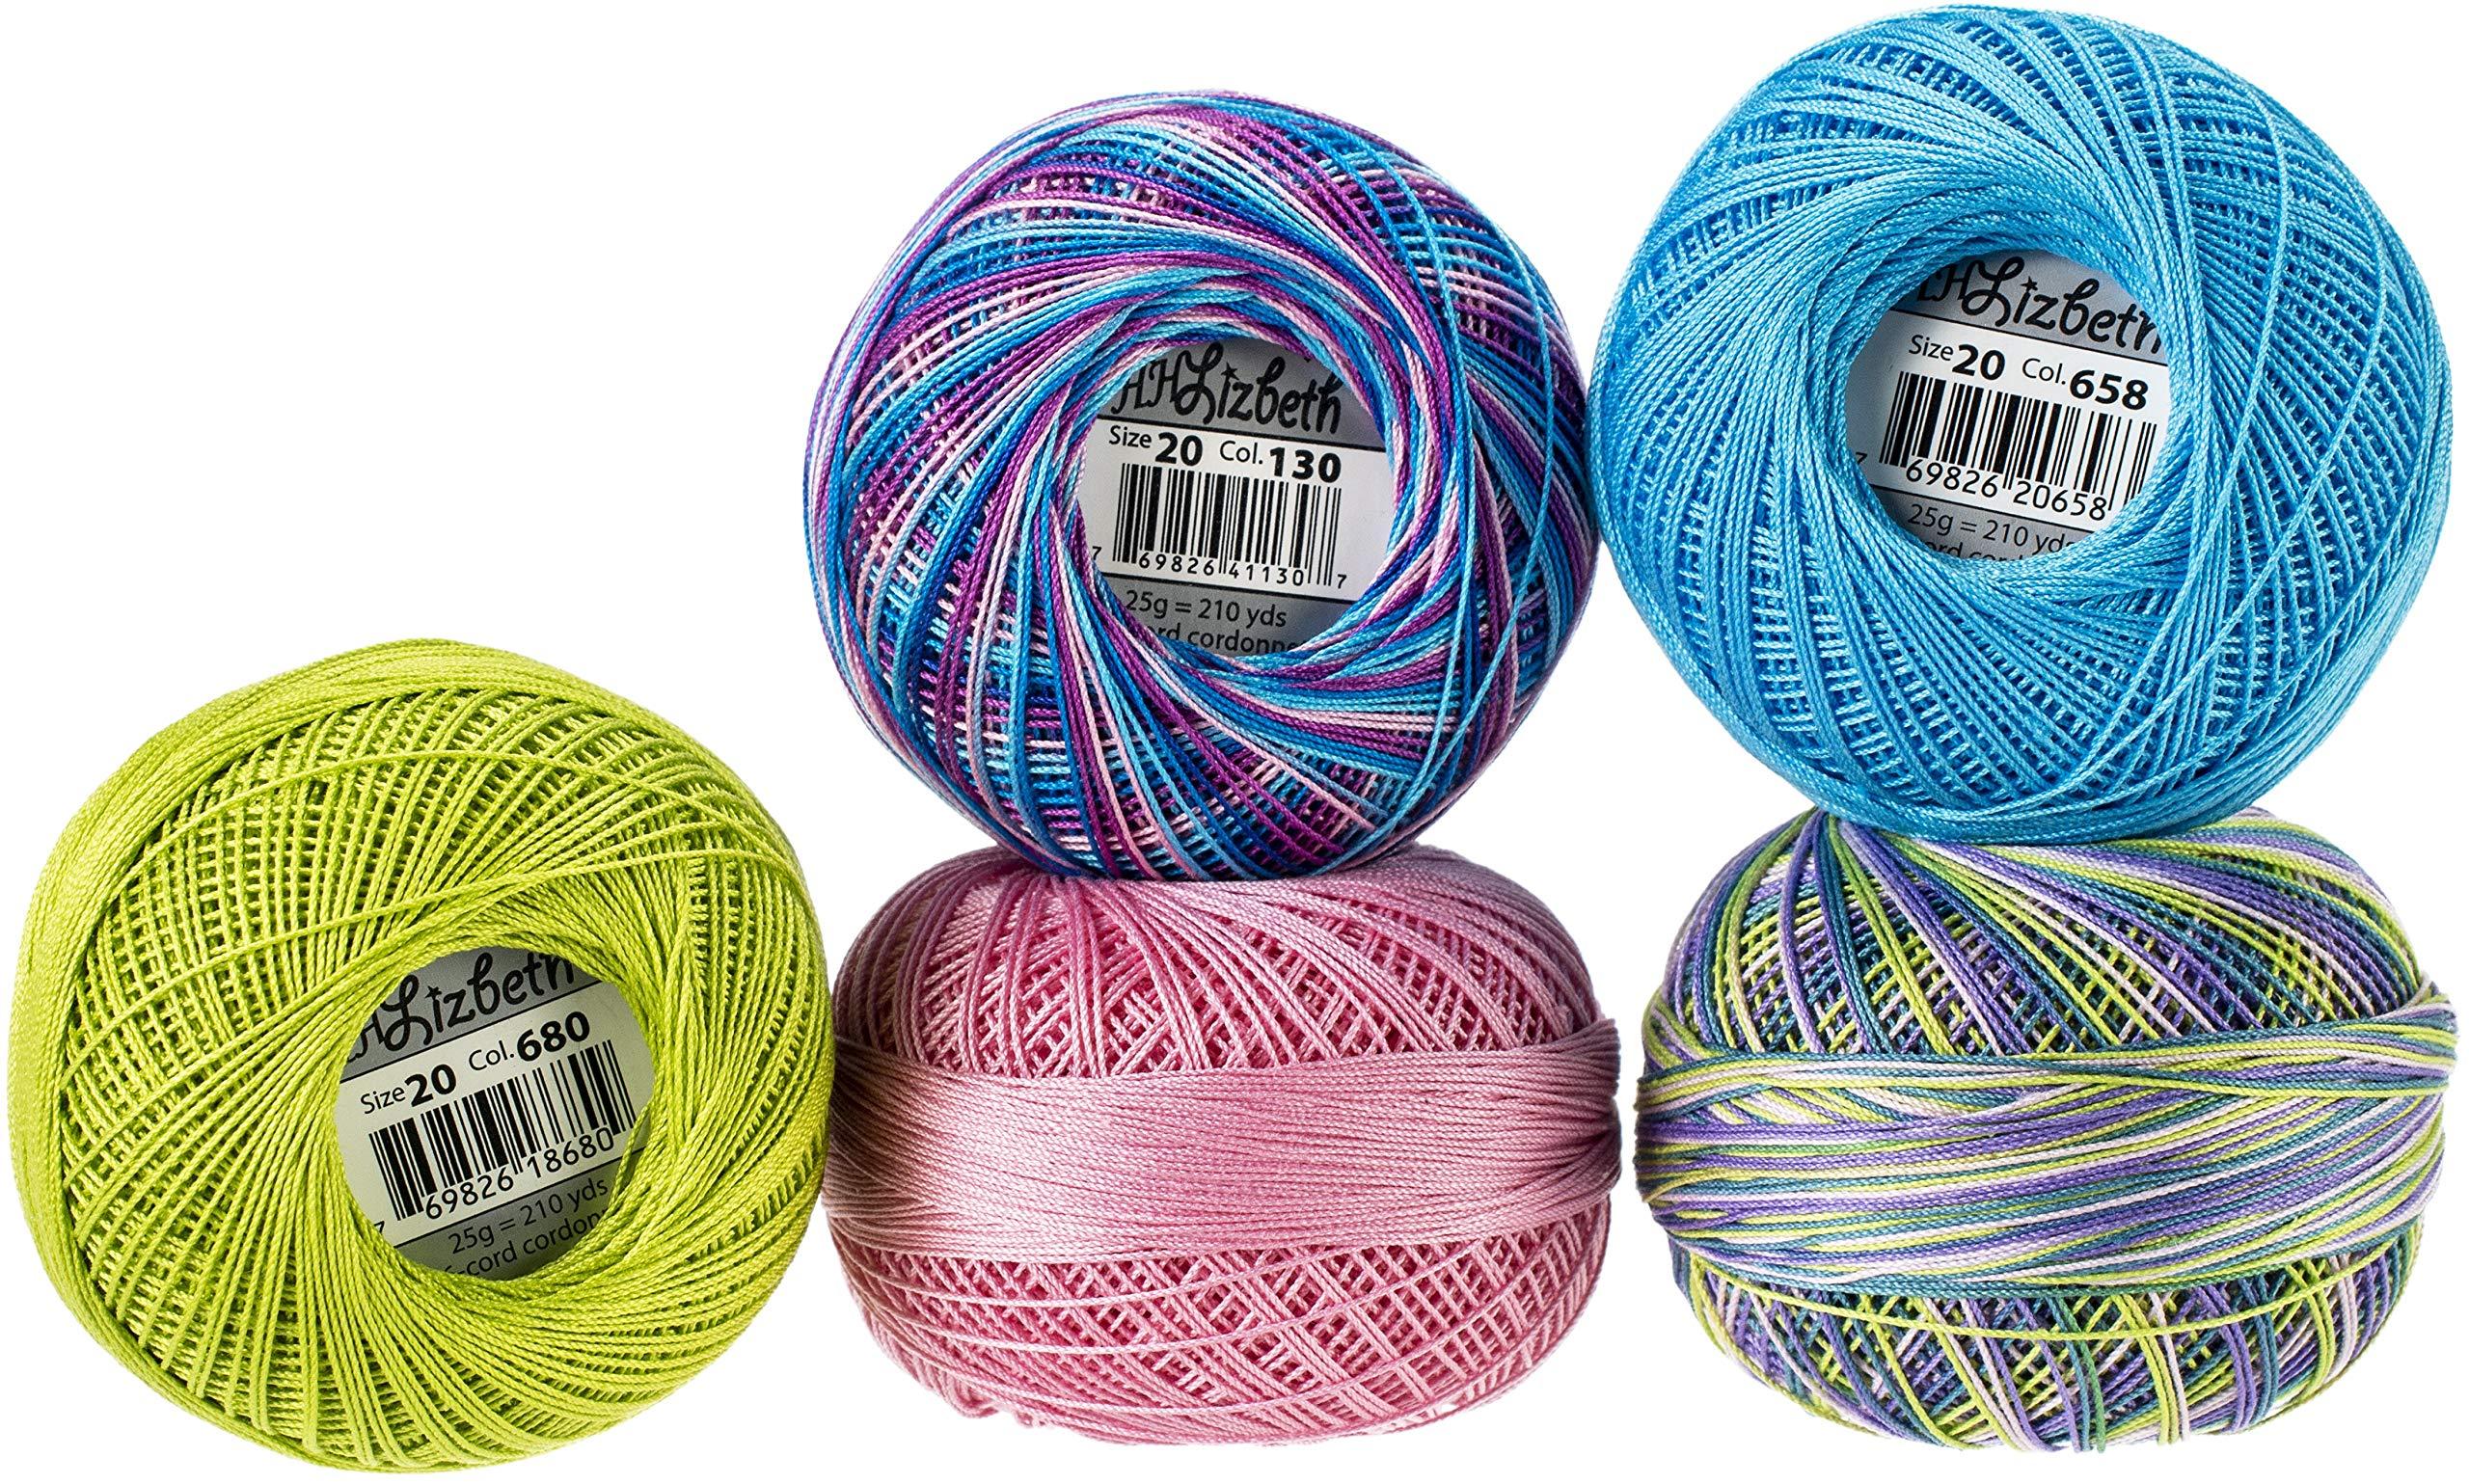 Handy Hands Lizbeth Specialty Pack Cordonnet Cotton Size 20-Spring Breeze 5/Pkg